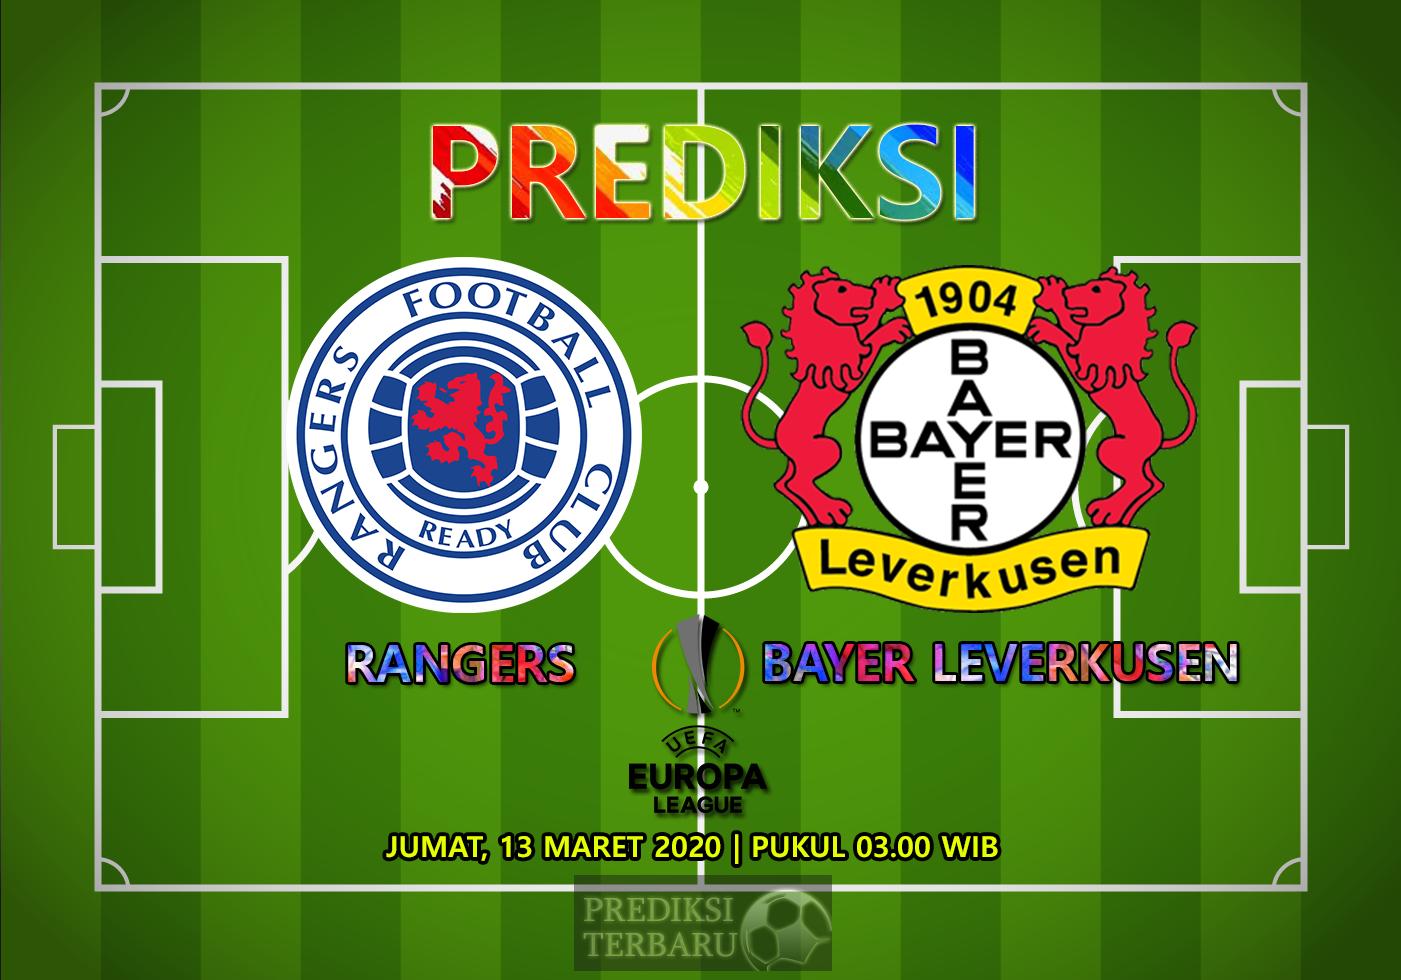 Prediksi Rangers Vs Bayer Leverkusen Jumat 13 Maret